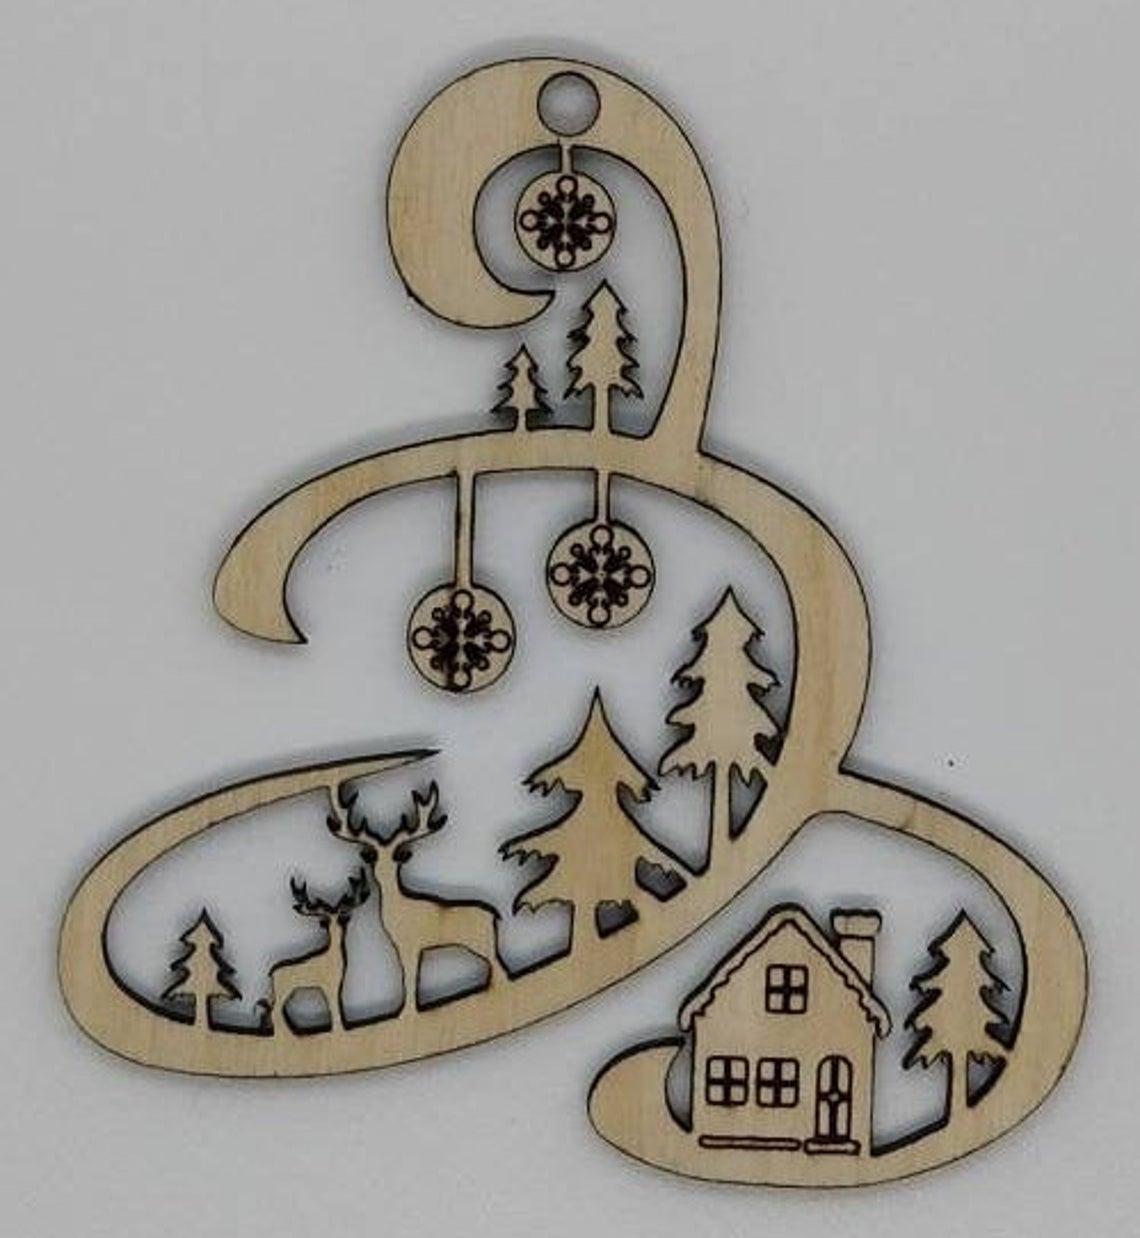 Boule de noël en bois gravé originale pour décorer votre sapin